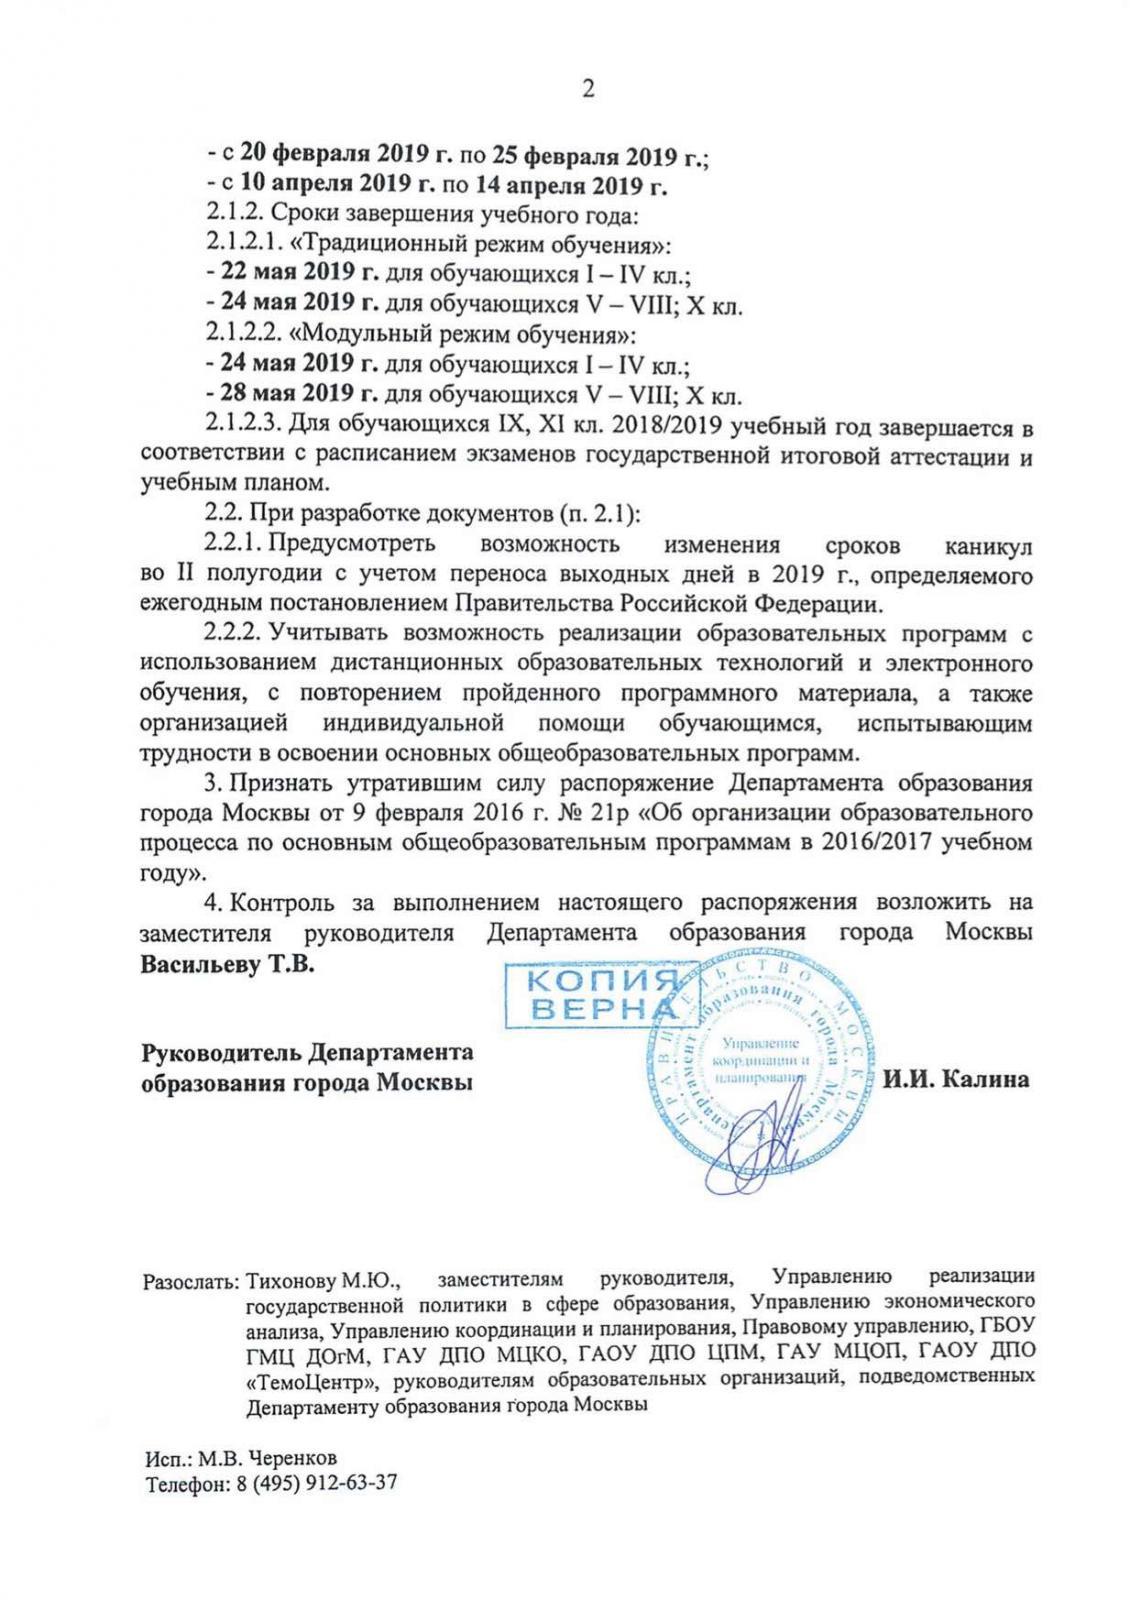 25р_КАНИКУЛЫ_2018-2019 2.jpg